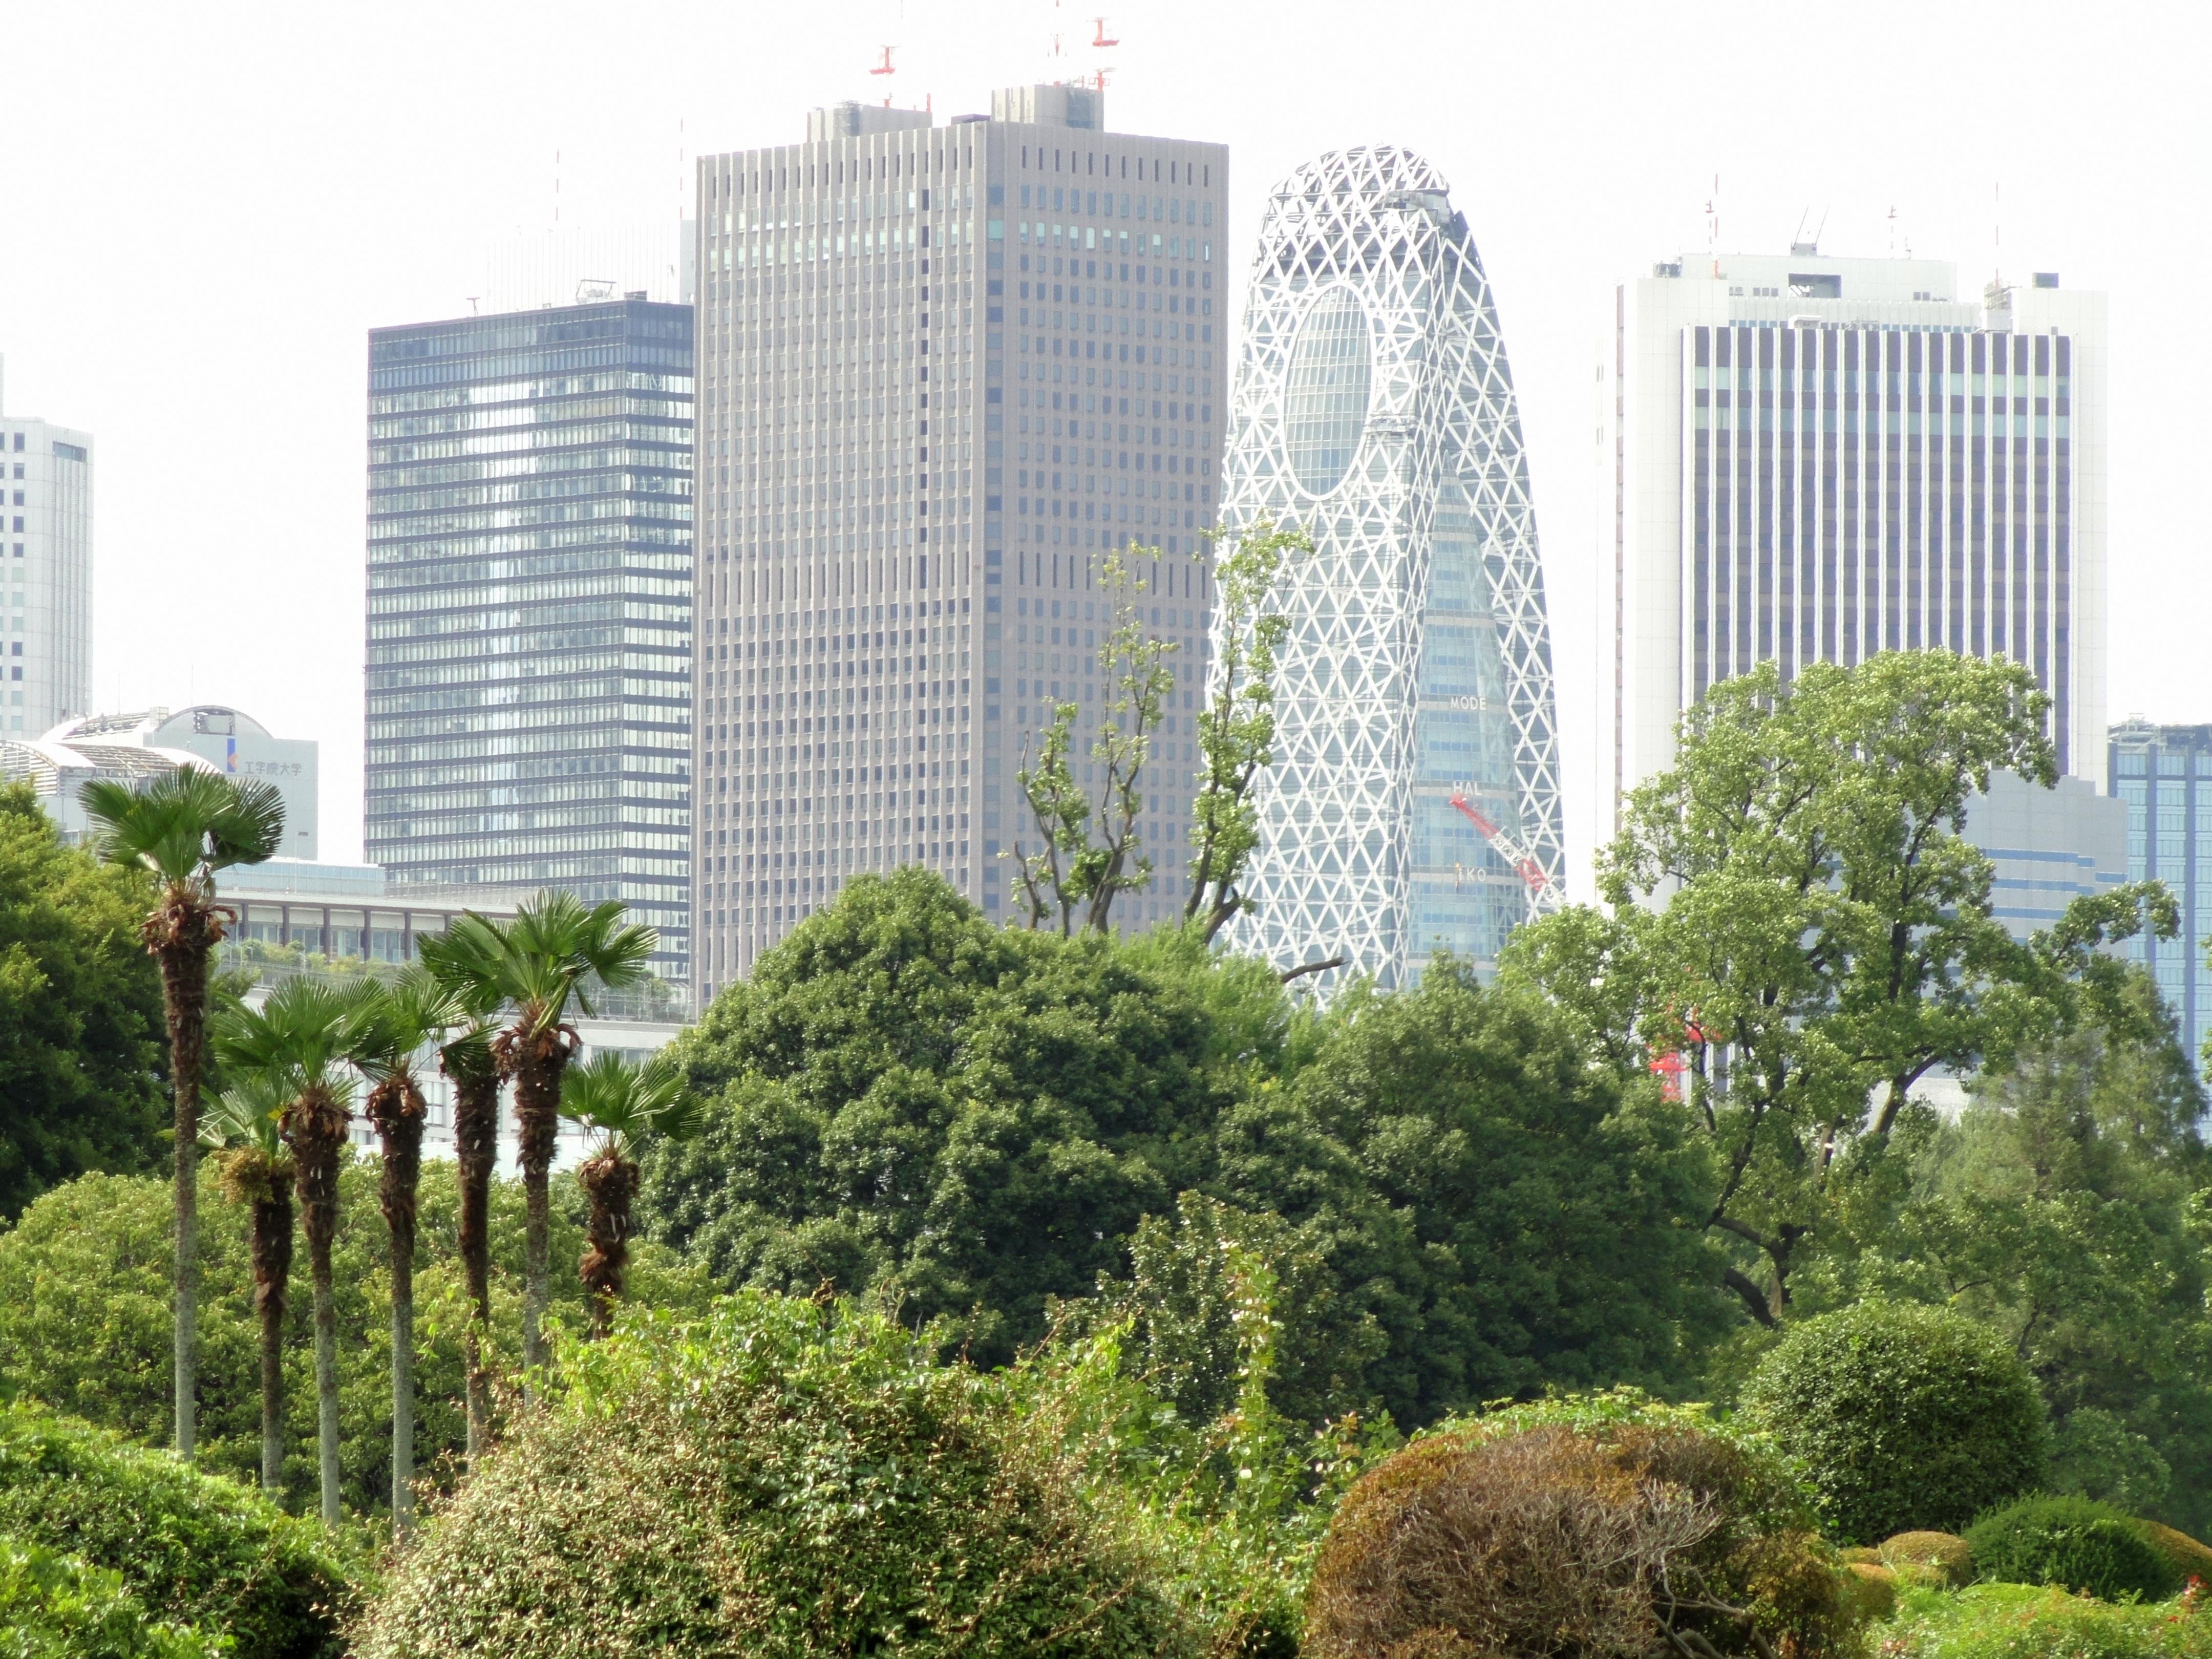 File:Shinjuku Gyoen National Garden - DSC05156.JPG - Wikimedia Commons